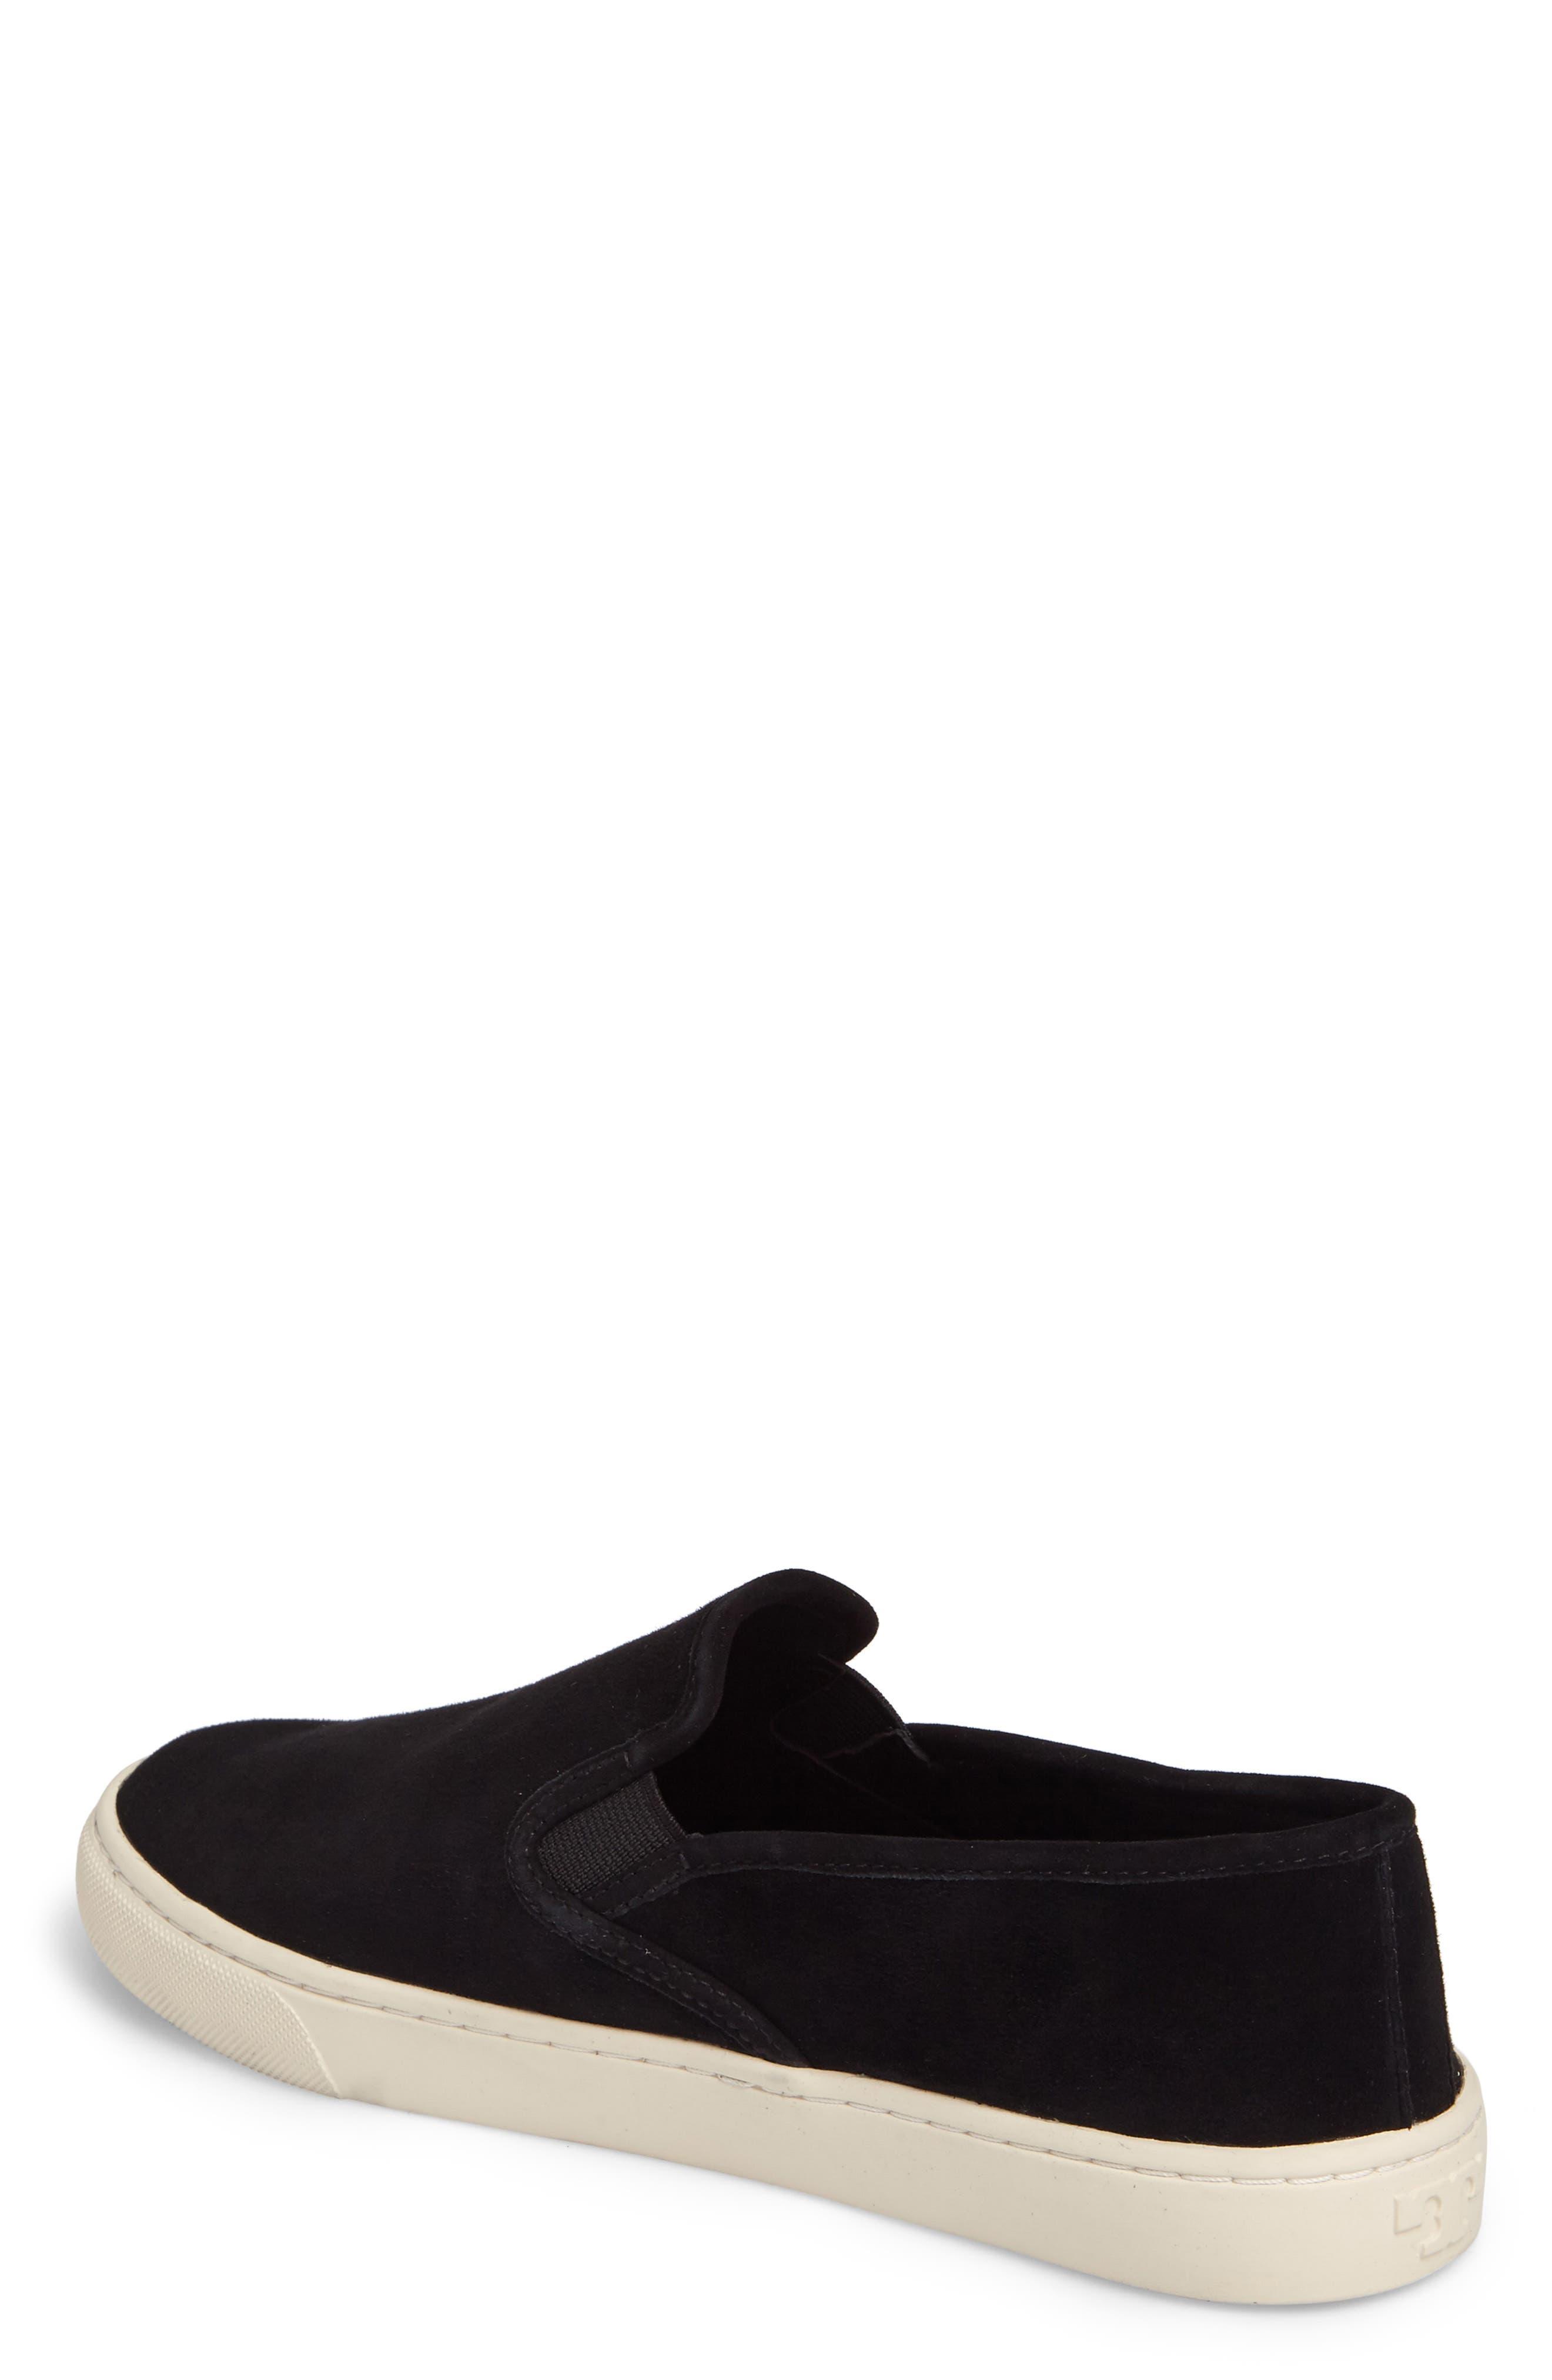 Max Slip-On Sneaker,                             Alternate thumbnail 7, color,